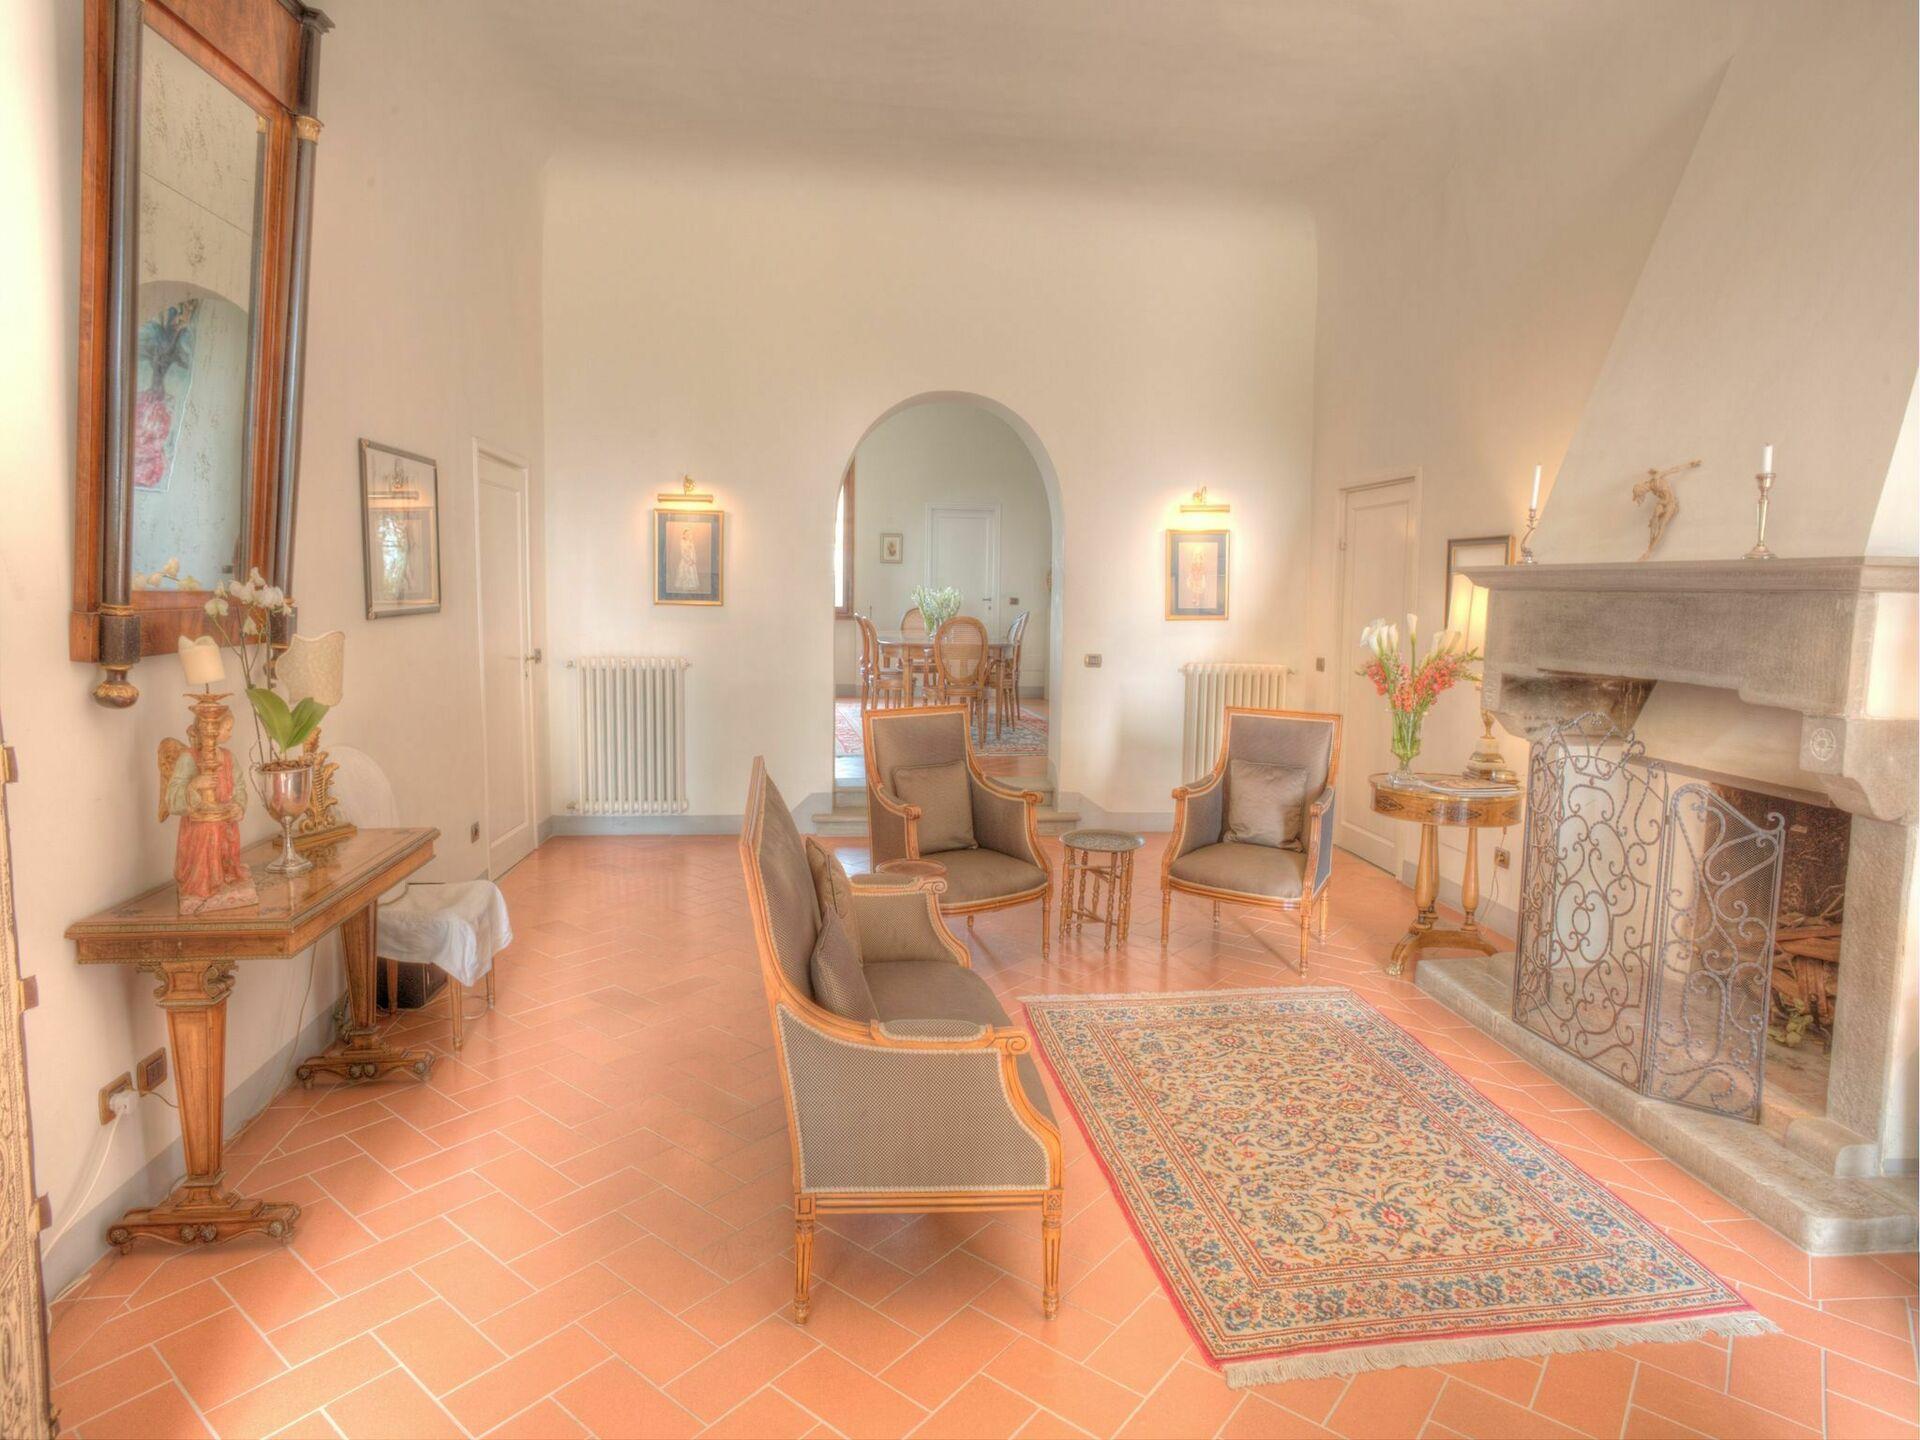 Villa sode casa vacanze con 12 posti letto in 5 camere for Villa con 5 camere da letto